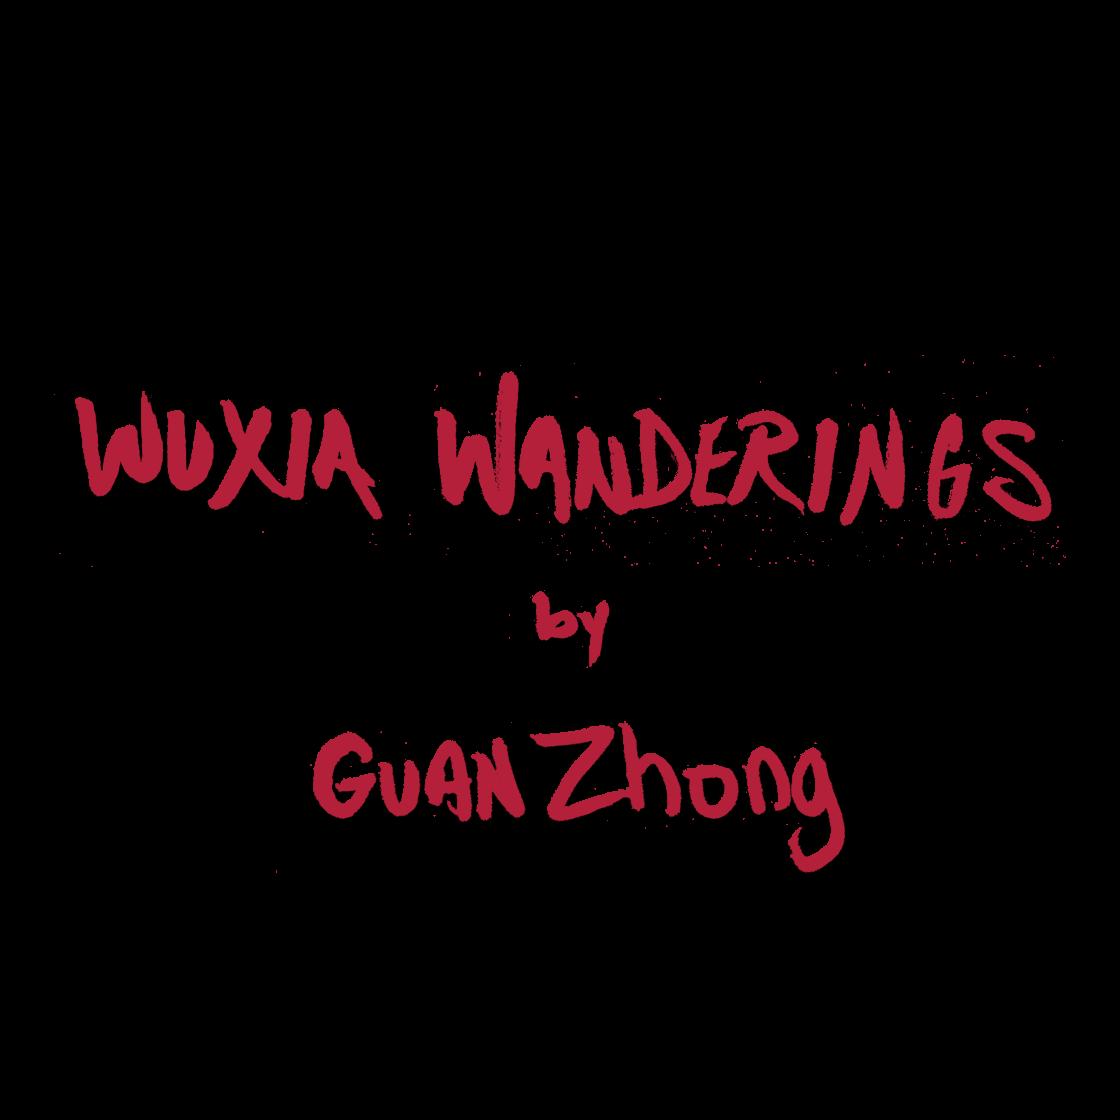 Wuxia Wanderings